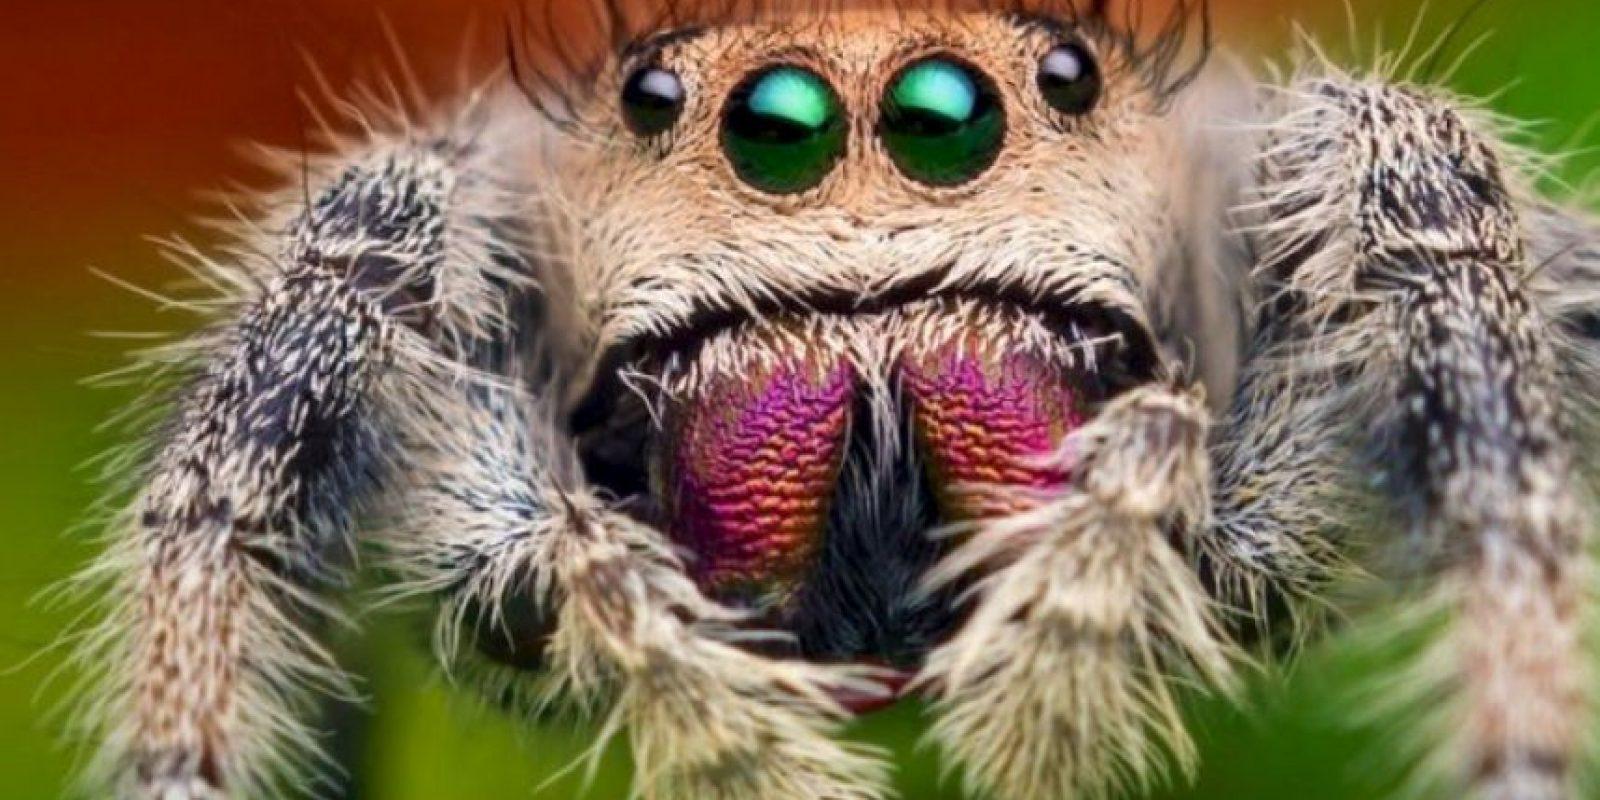 Se adapta el animal, no agresivo, ante la persona. Foto:vía Getty Images